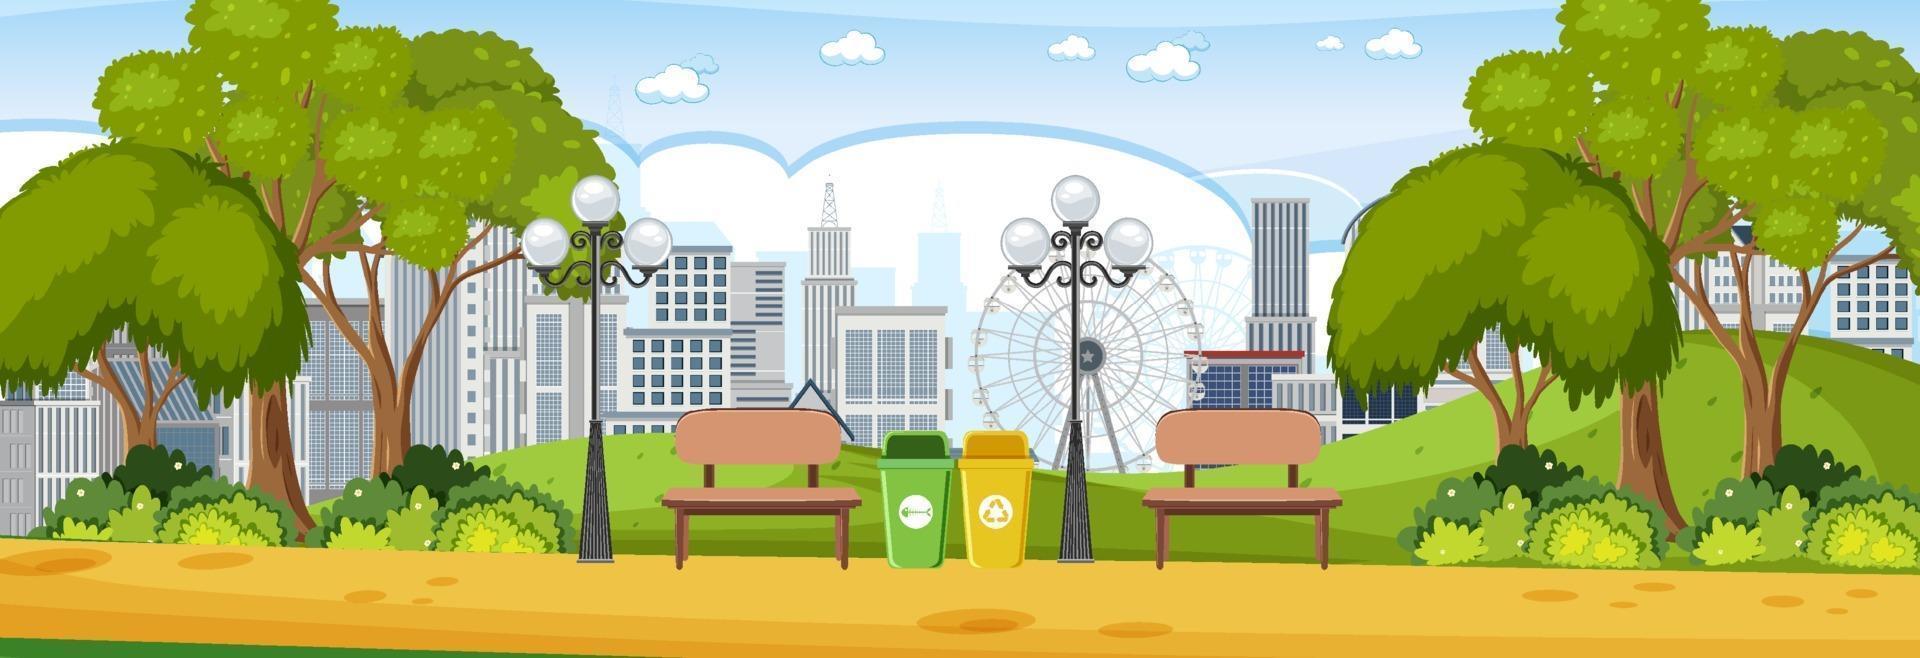 cena horizontal do parque durante o dia com o fundo da cidade vetor